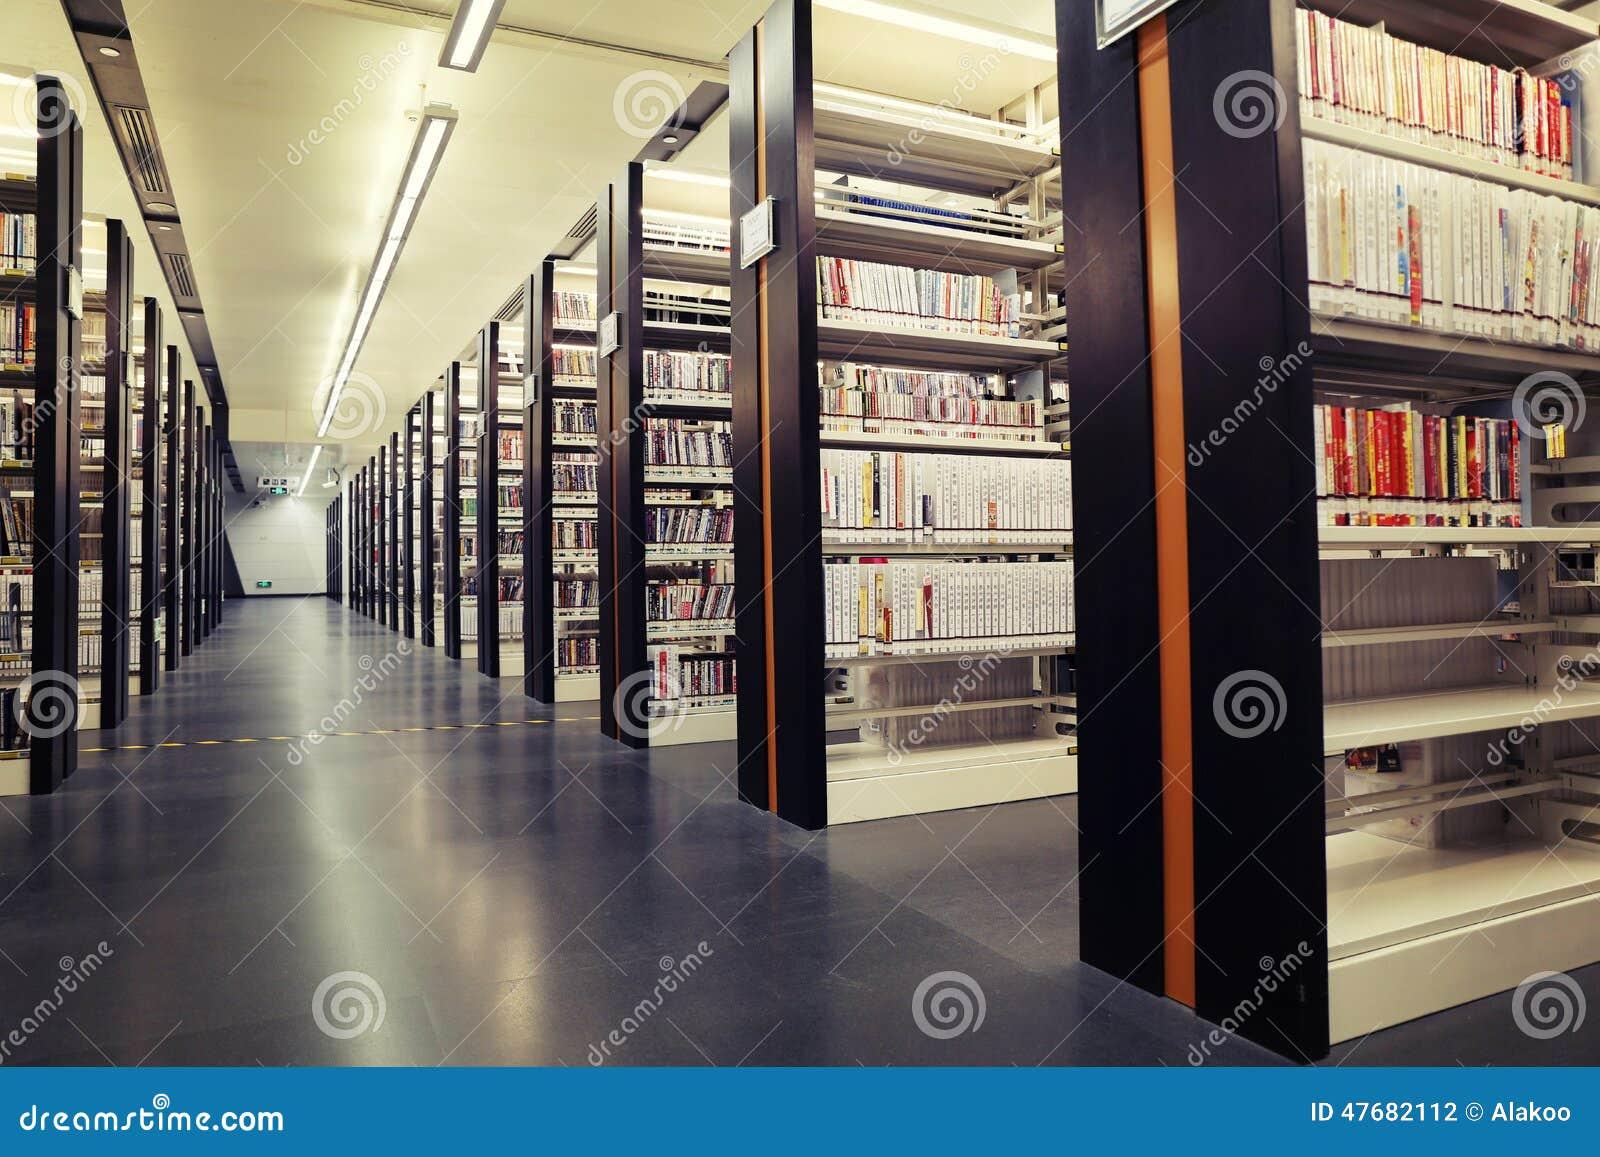 Livros nas prateleiras na biblioteca, estantes da biblioteca com livros, bibliotecas da biblioteca, bookracks